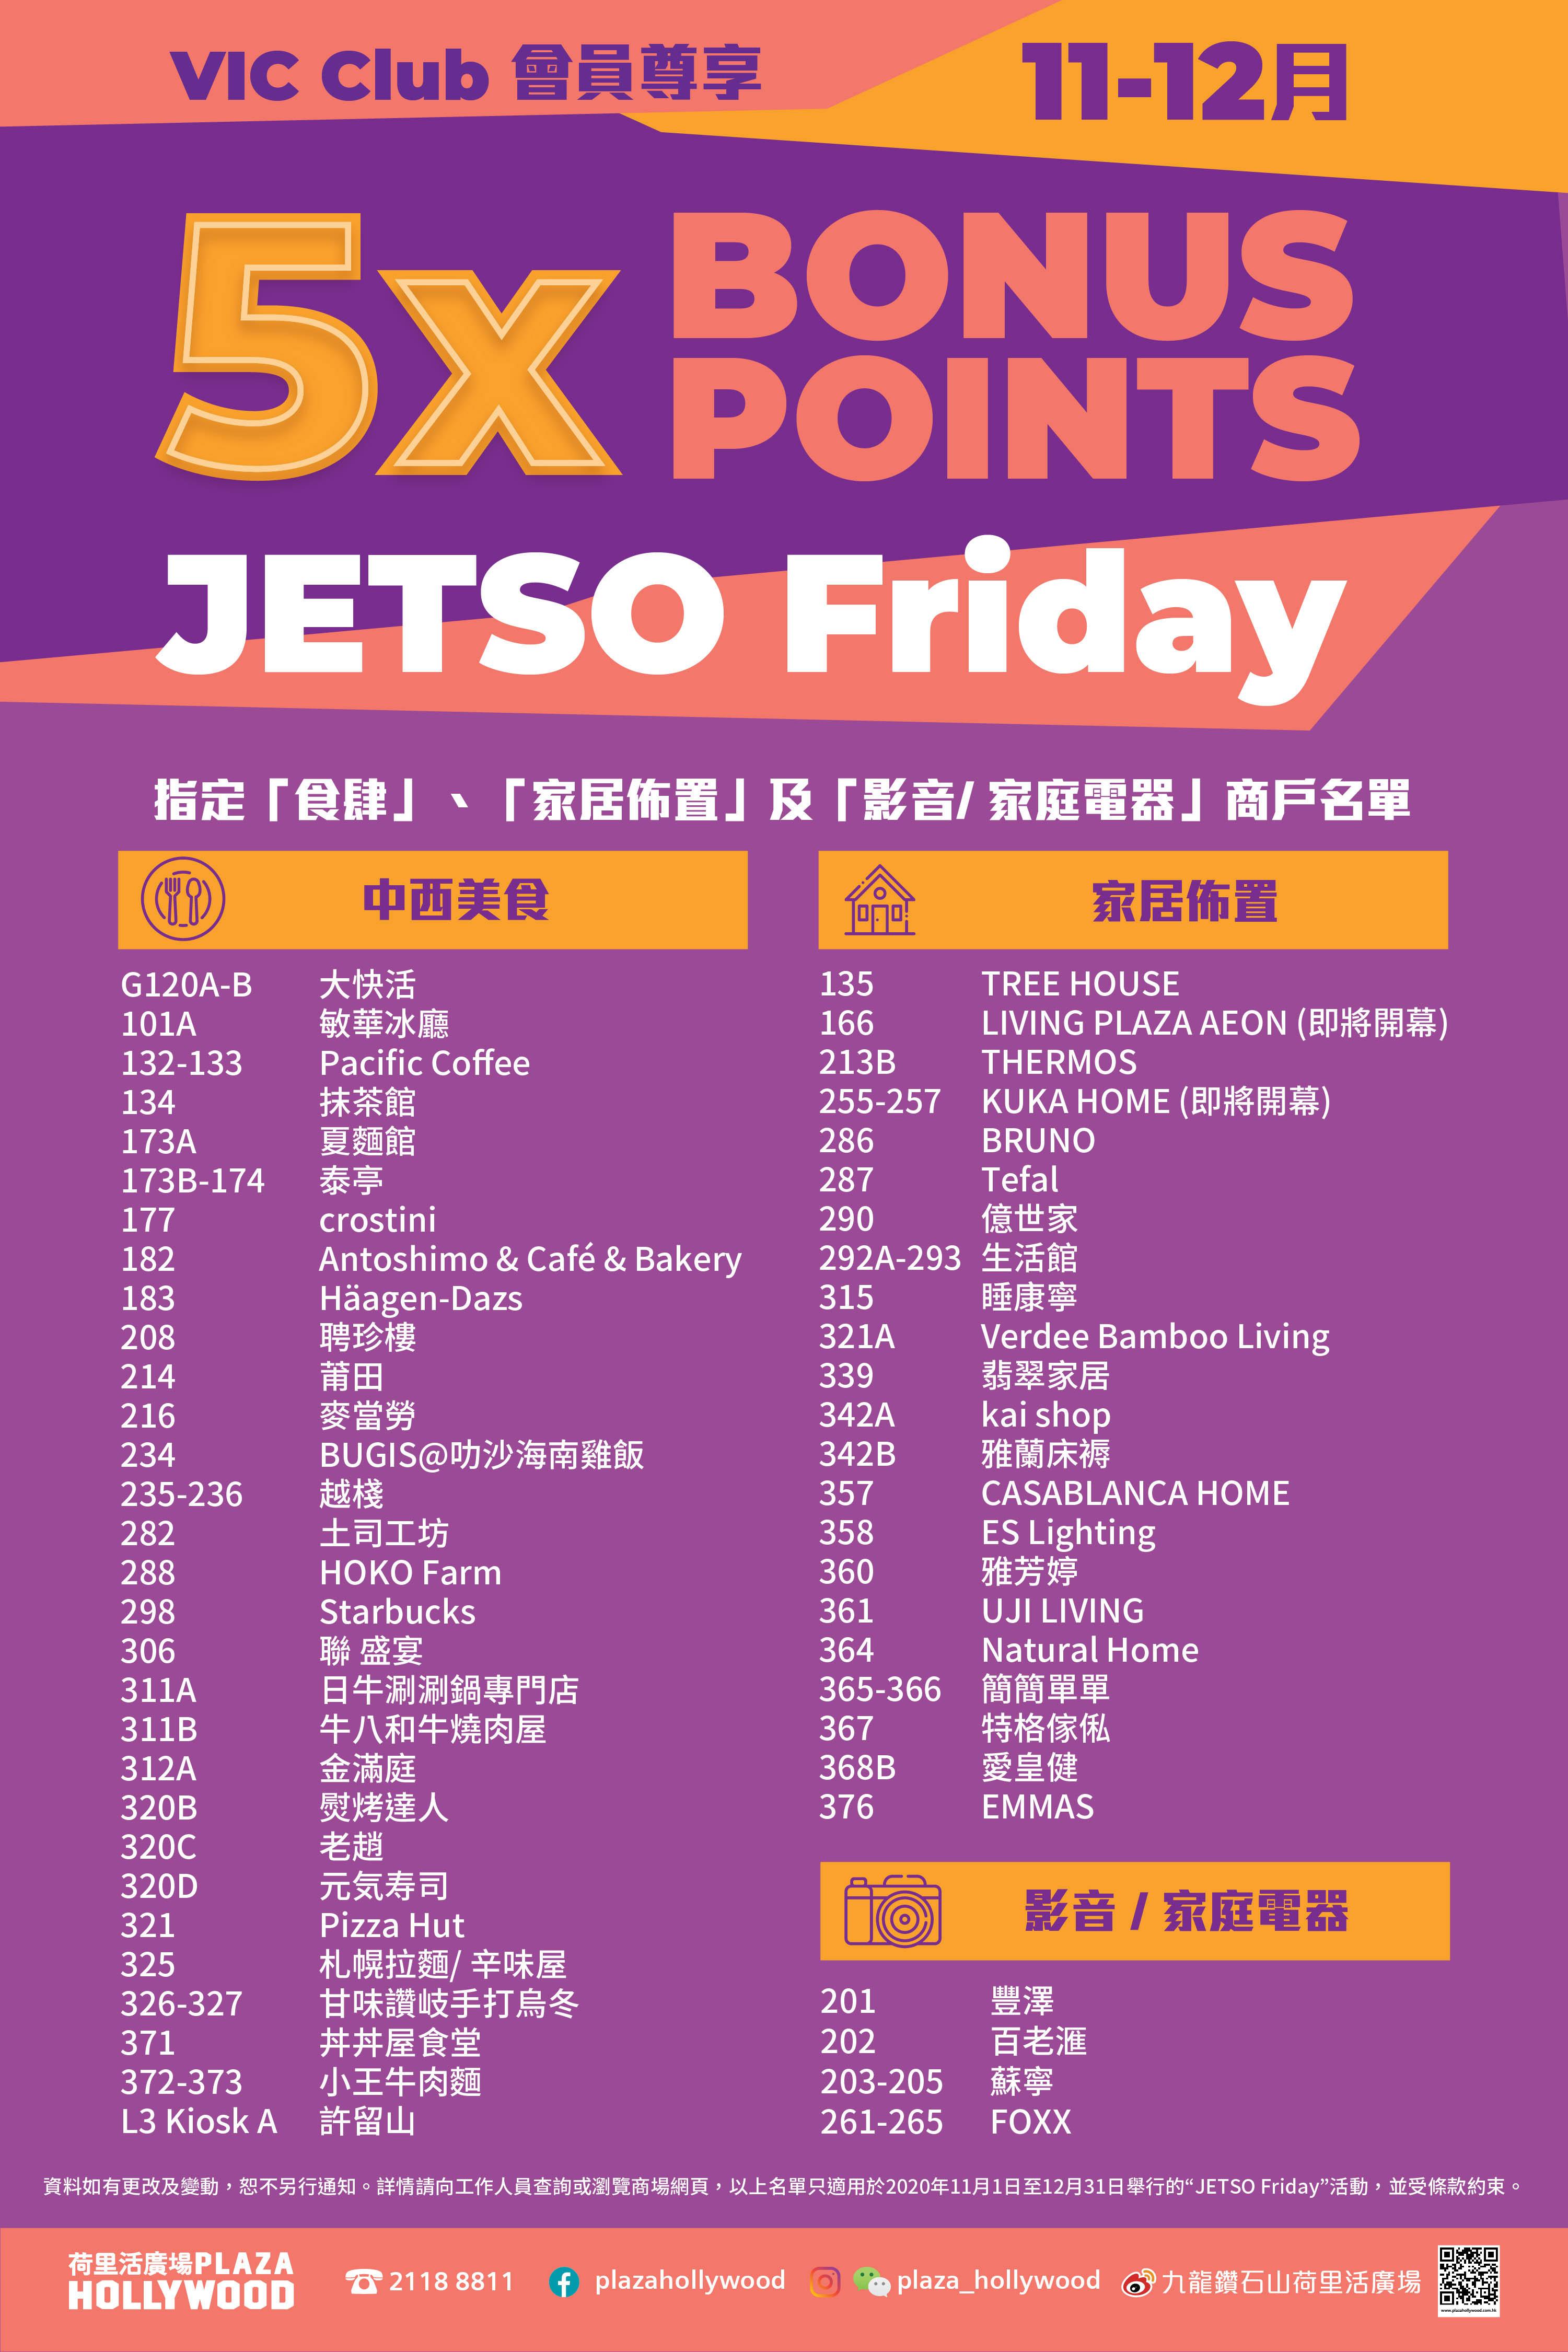 JETSO Friday - Tenants List